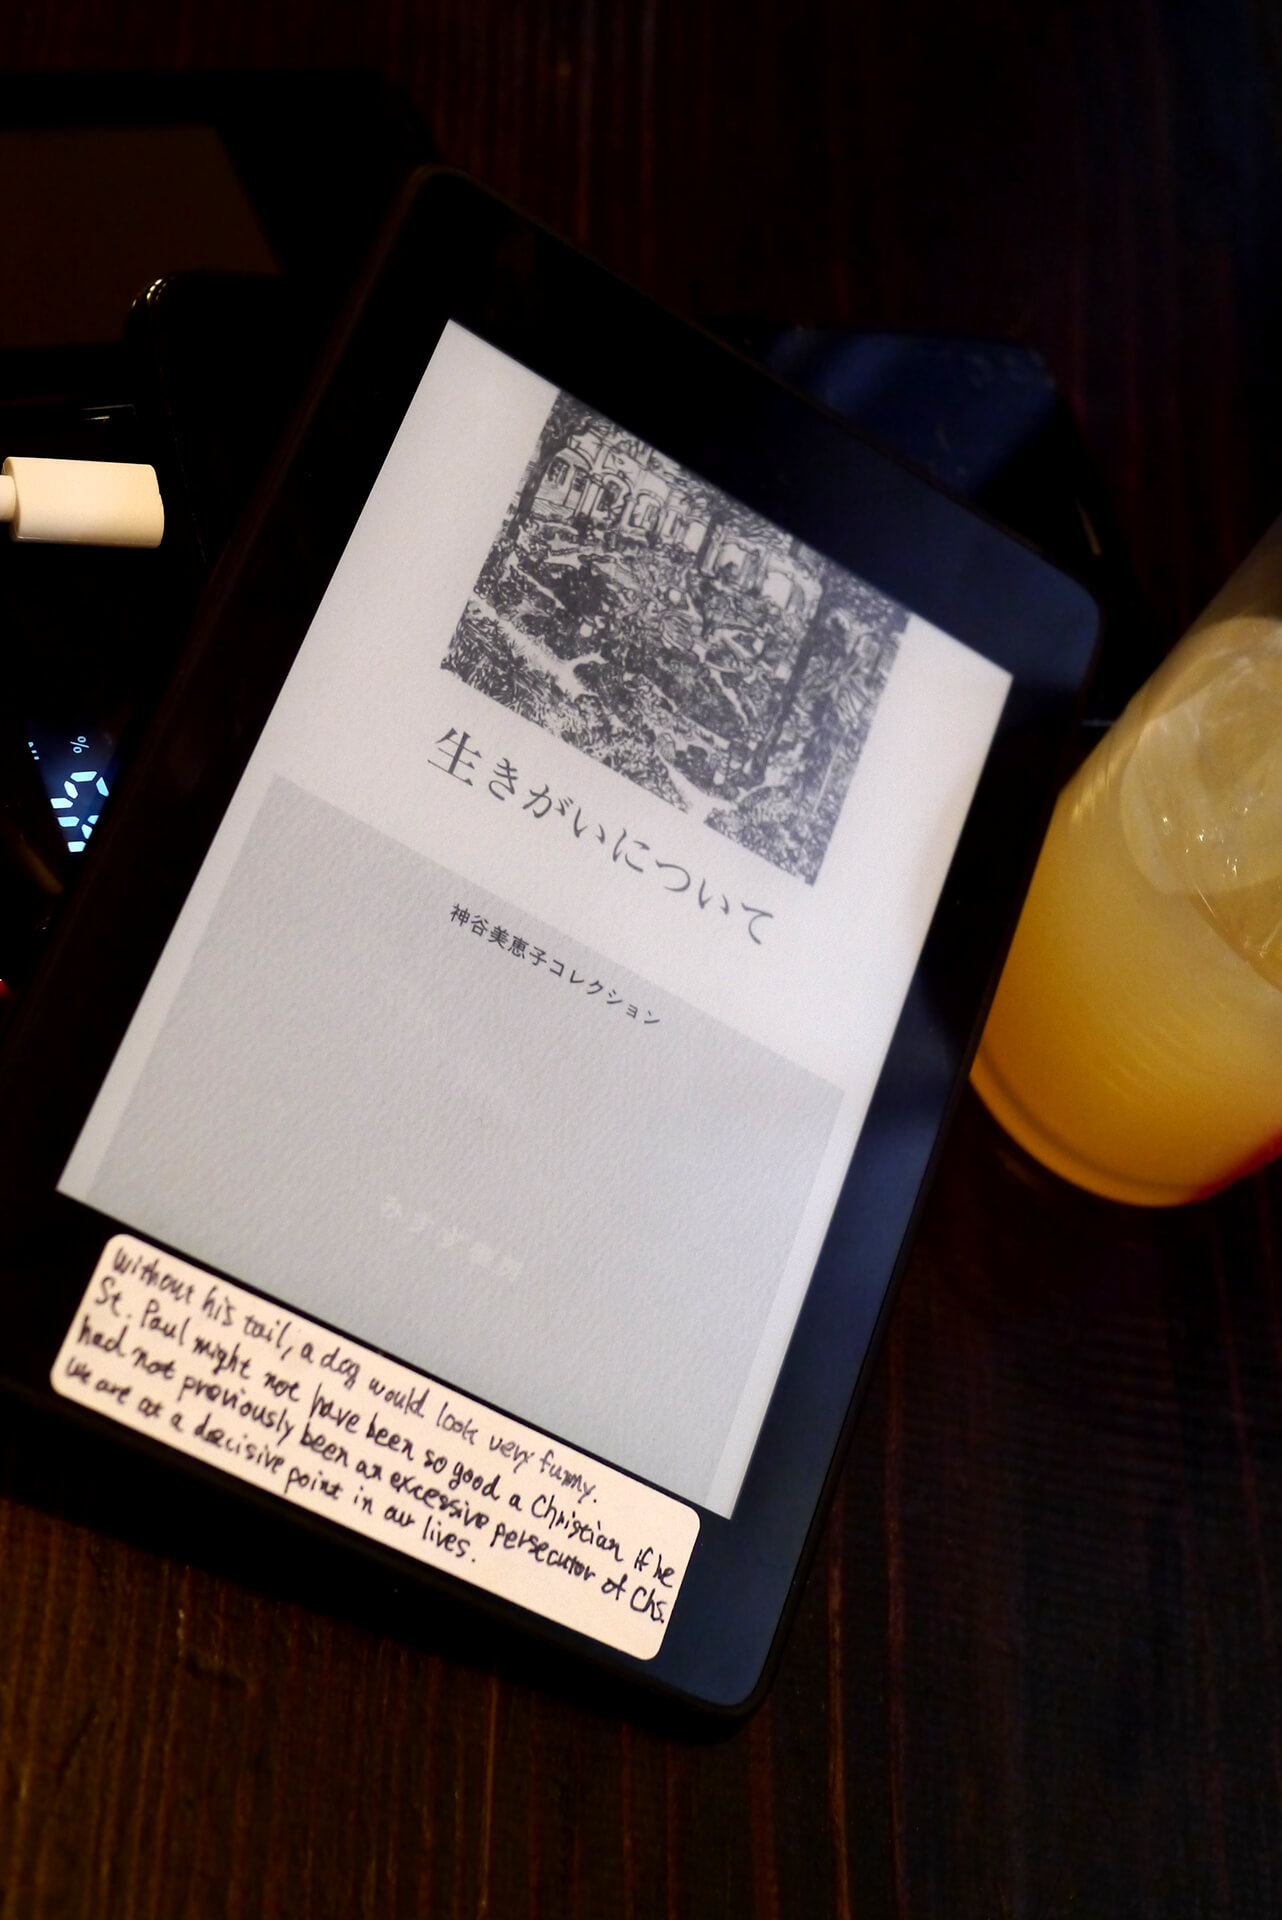 書籍生きがいについて――神谷美恵子コレクション(神谷美恵子/みすず書房)」の表紙画像